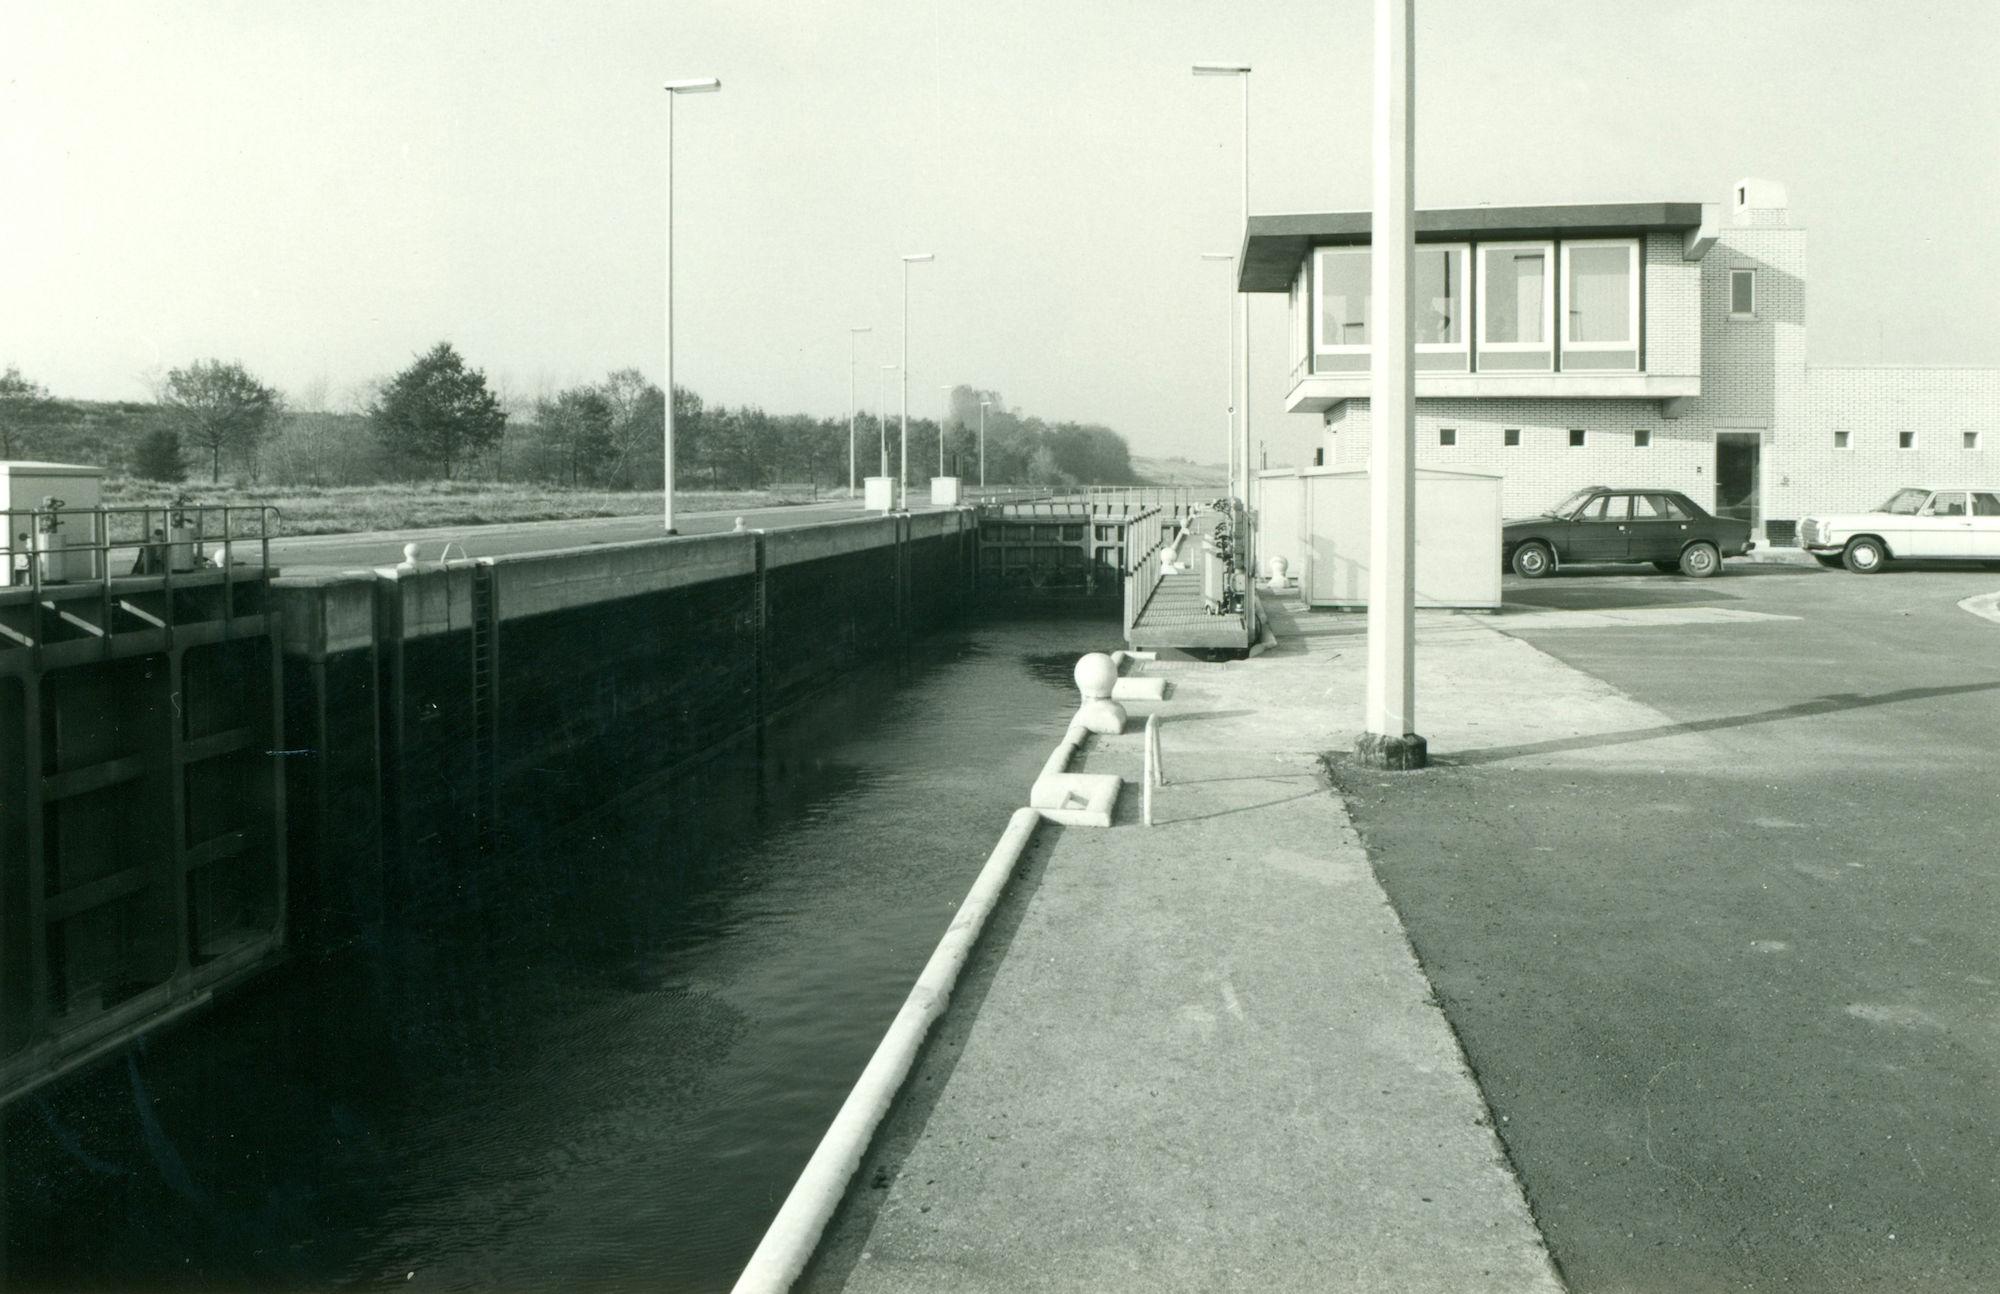 Stuurhuis van de nieuwe sluis op het kanaal Bossuit-Kortrijk te Moen 1980